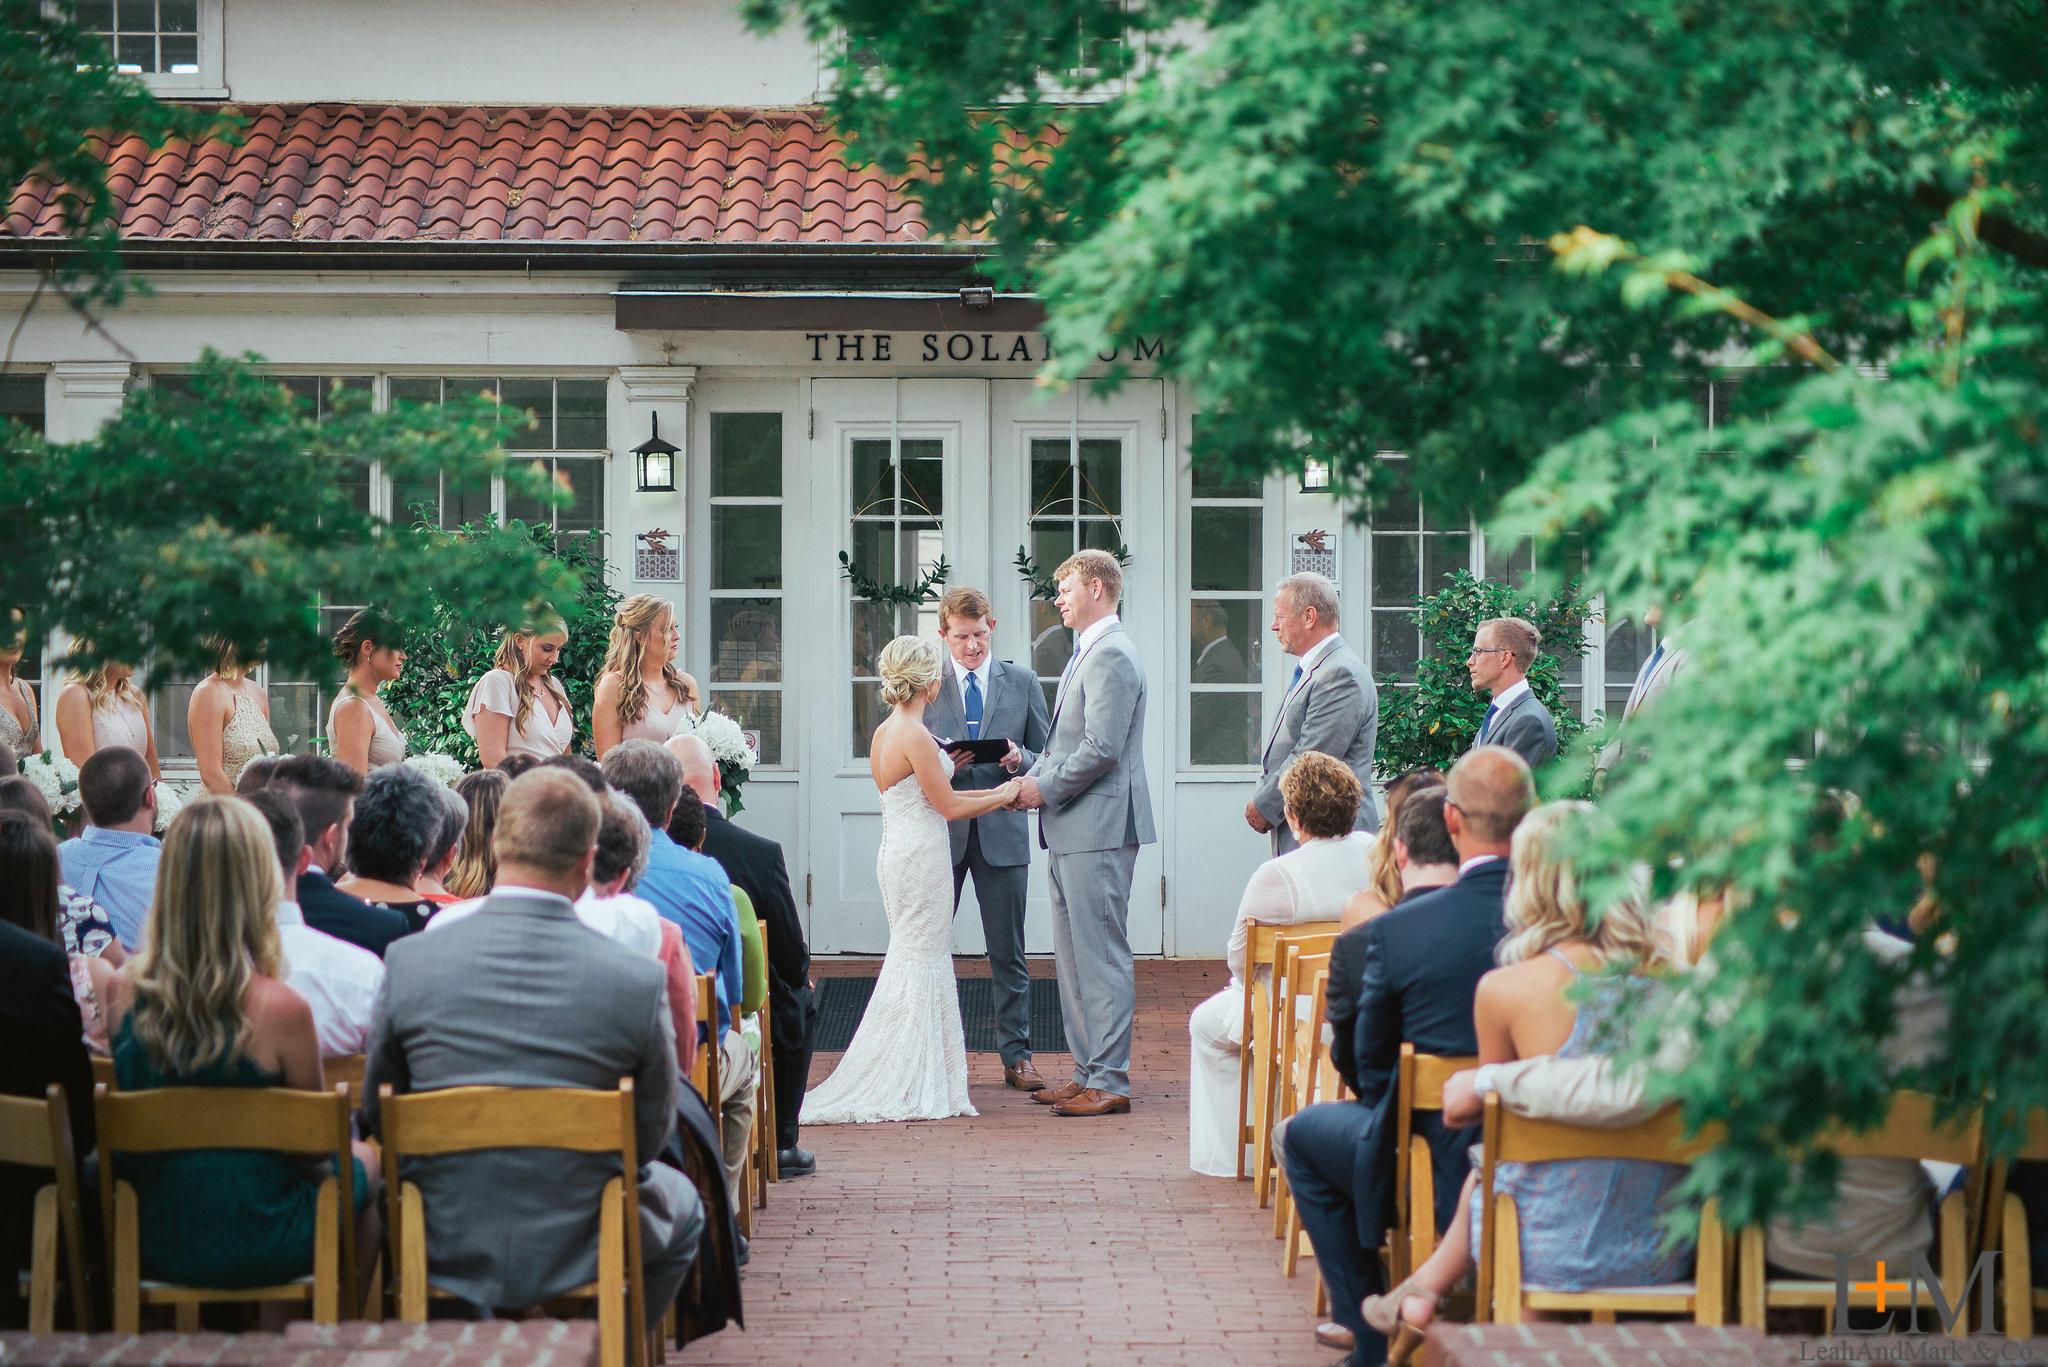 The Solarium at Scottish Rite Wedding Venue Weddings